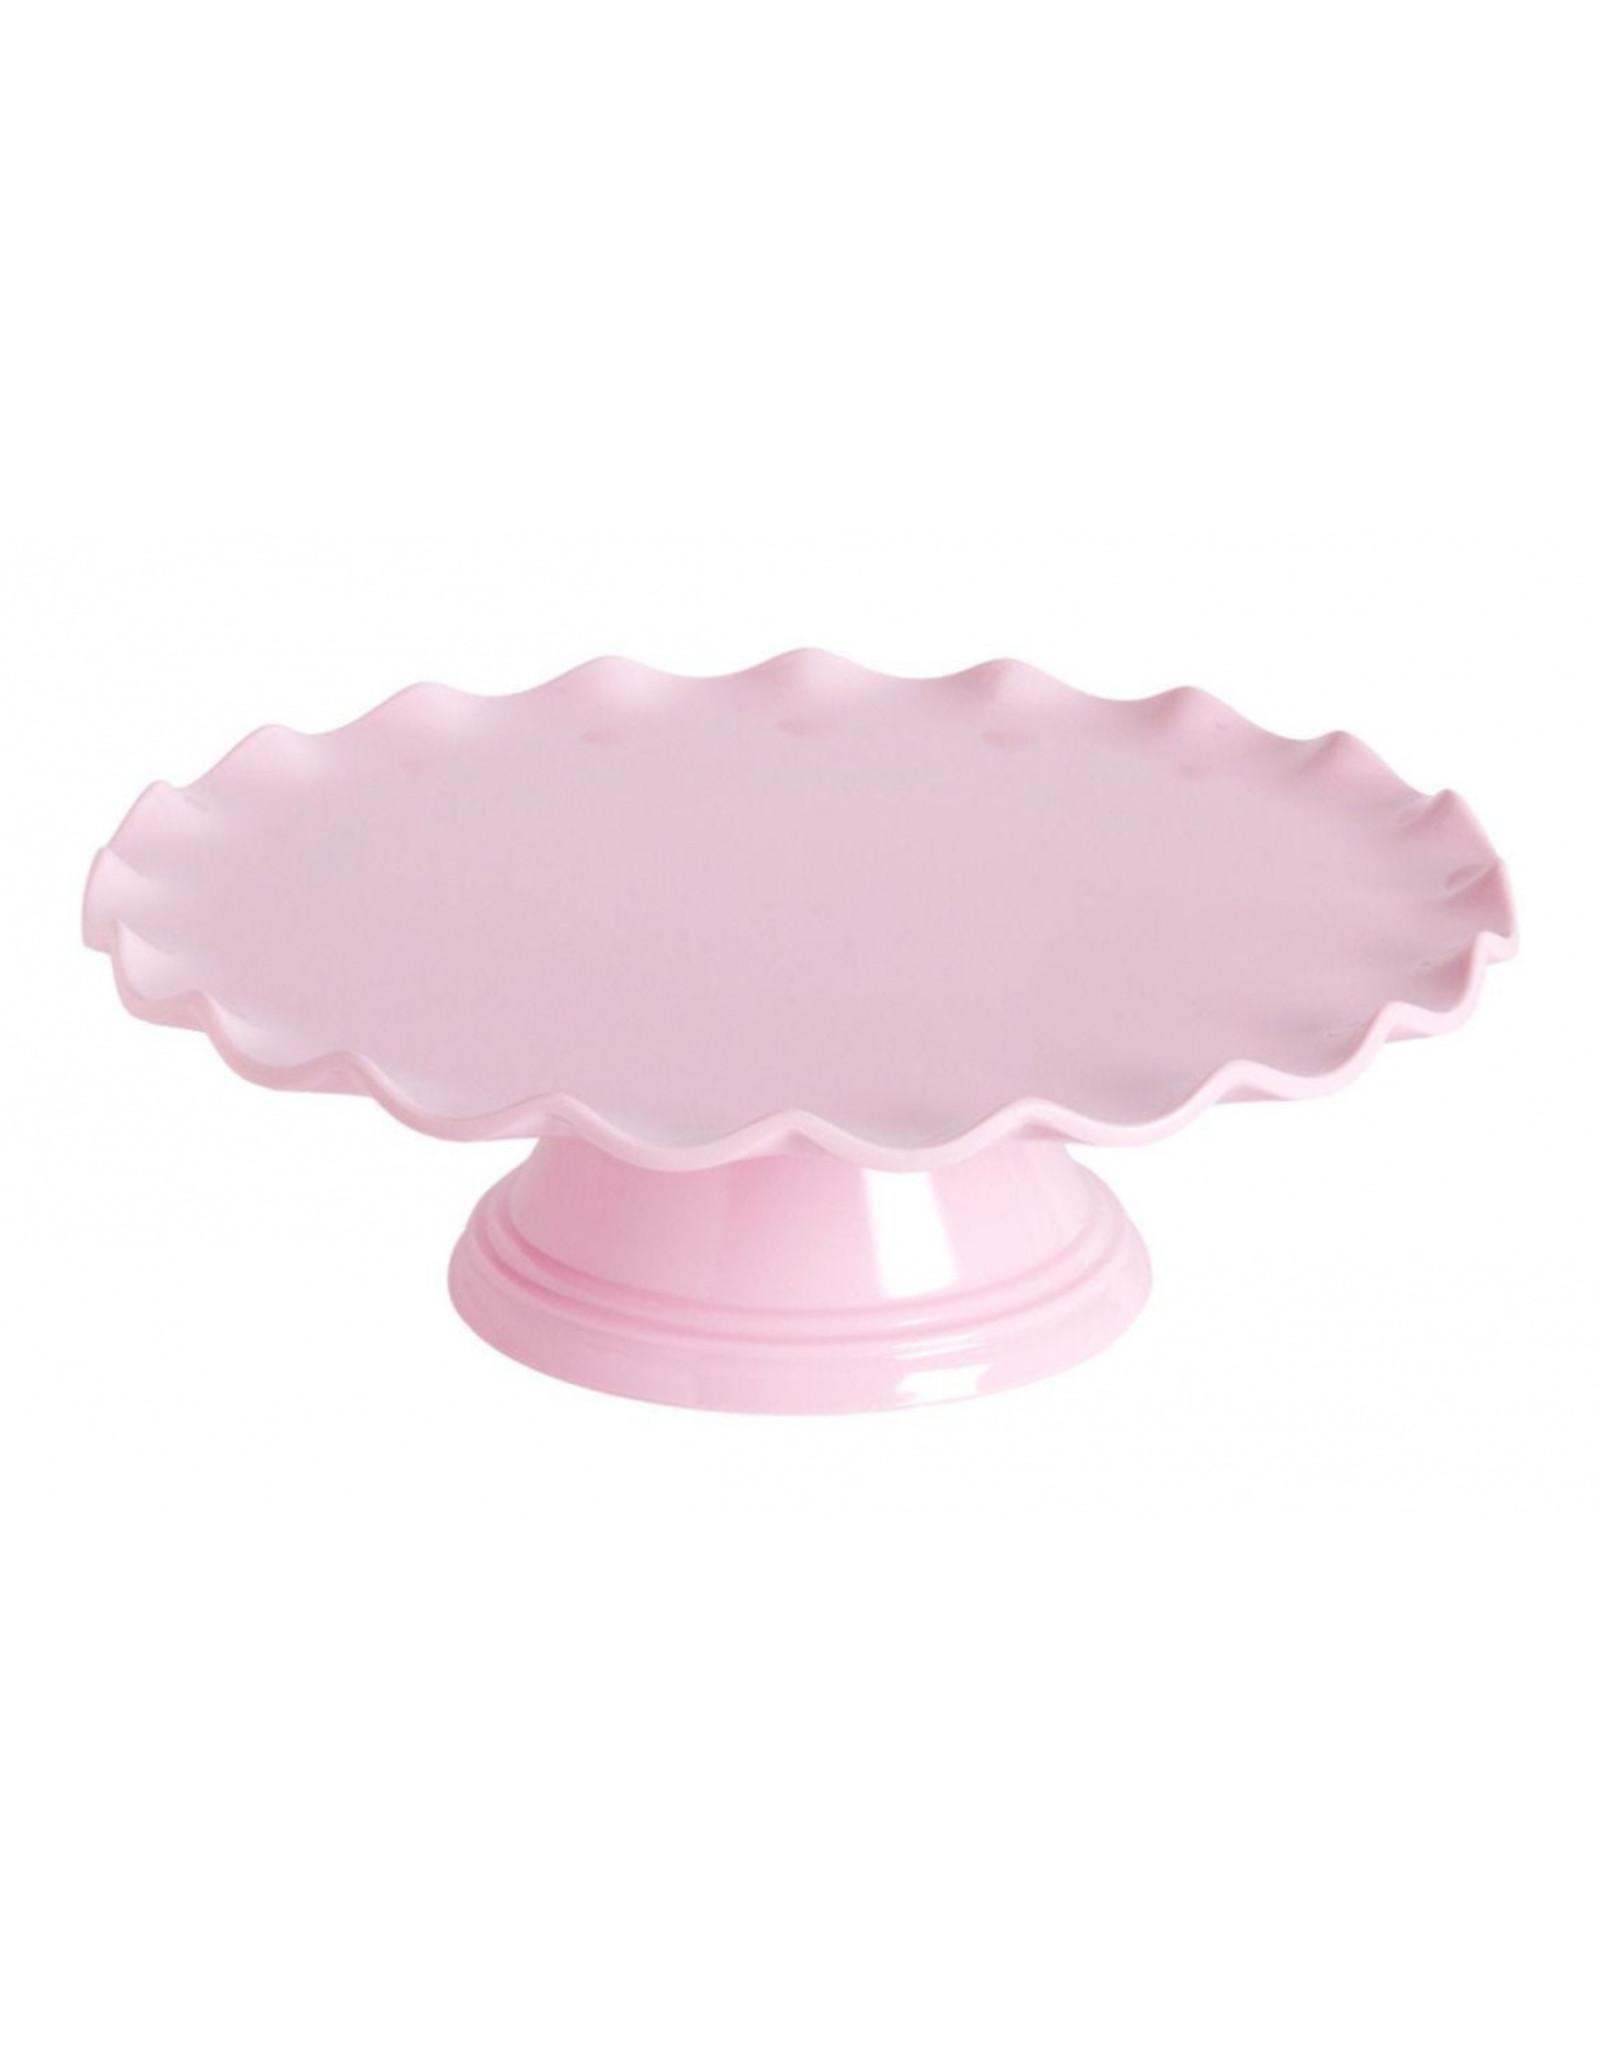 Taartplateau roze